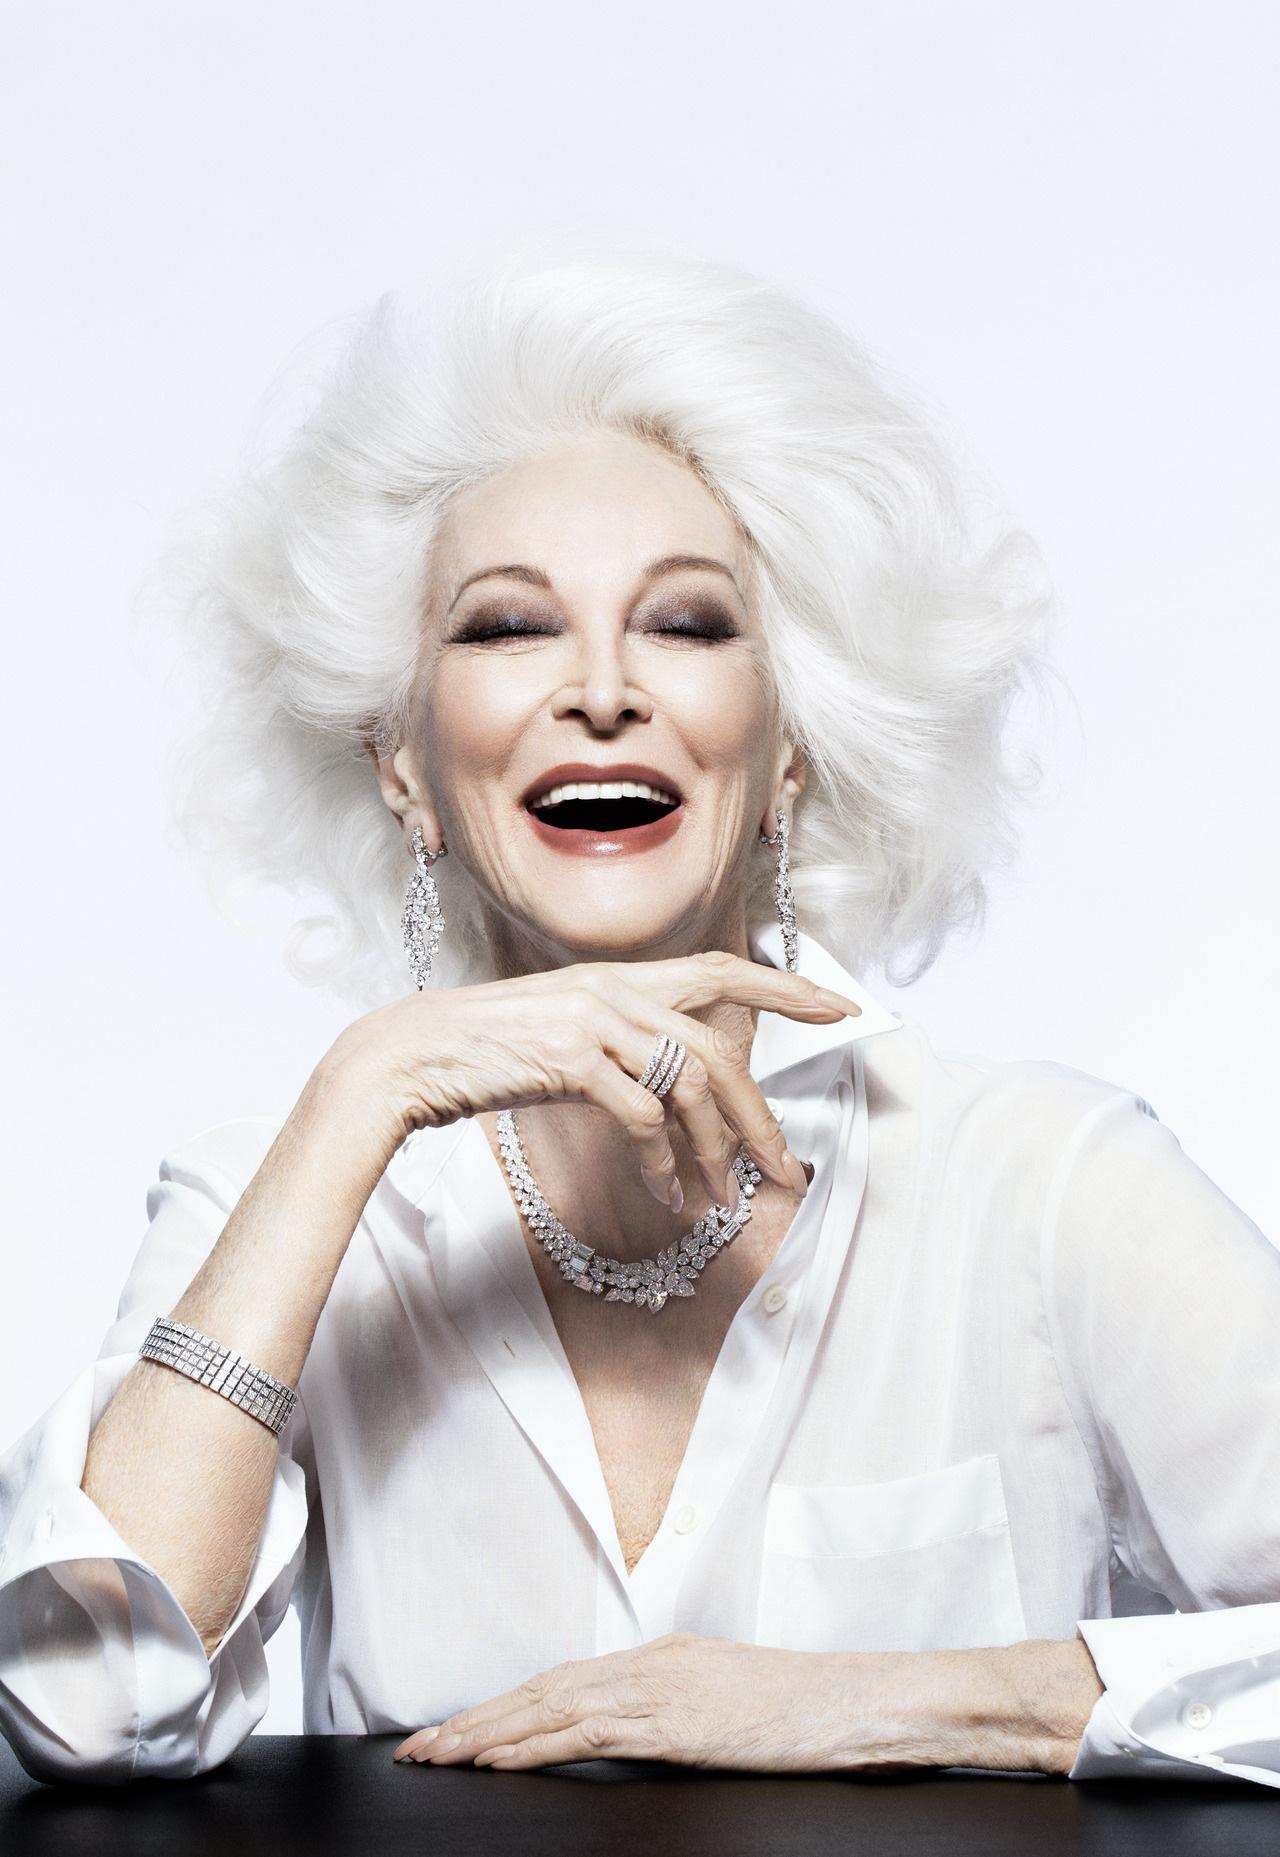 Siêu mẫu 90 tuổi: Đừng bị giới hạn bởi sự già nua, hãy là chính mình như khi đang trẻ khỏe-10